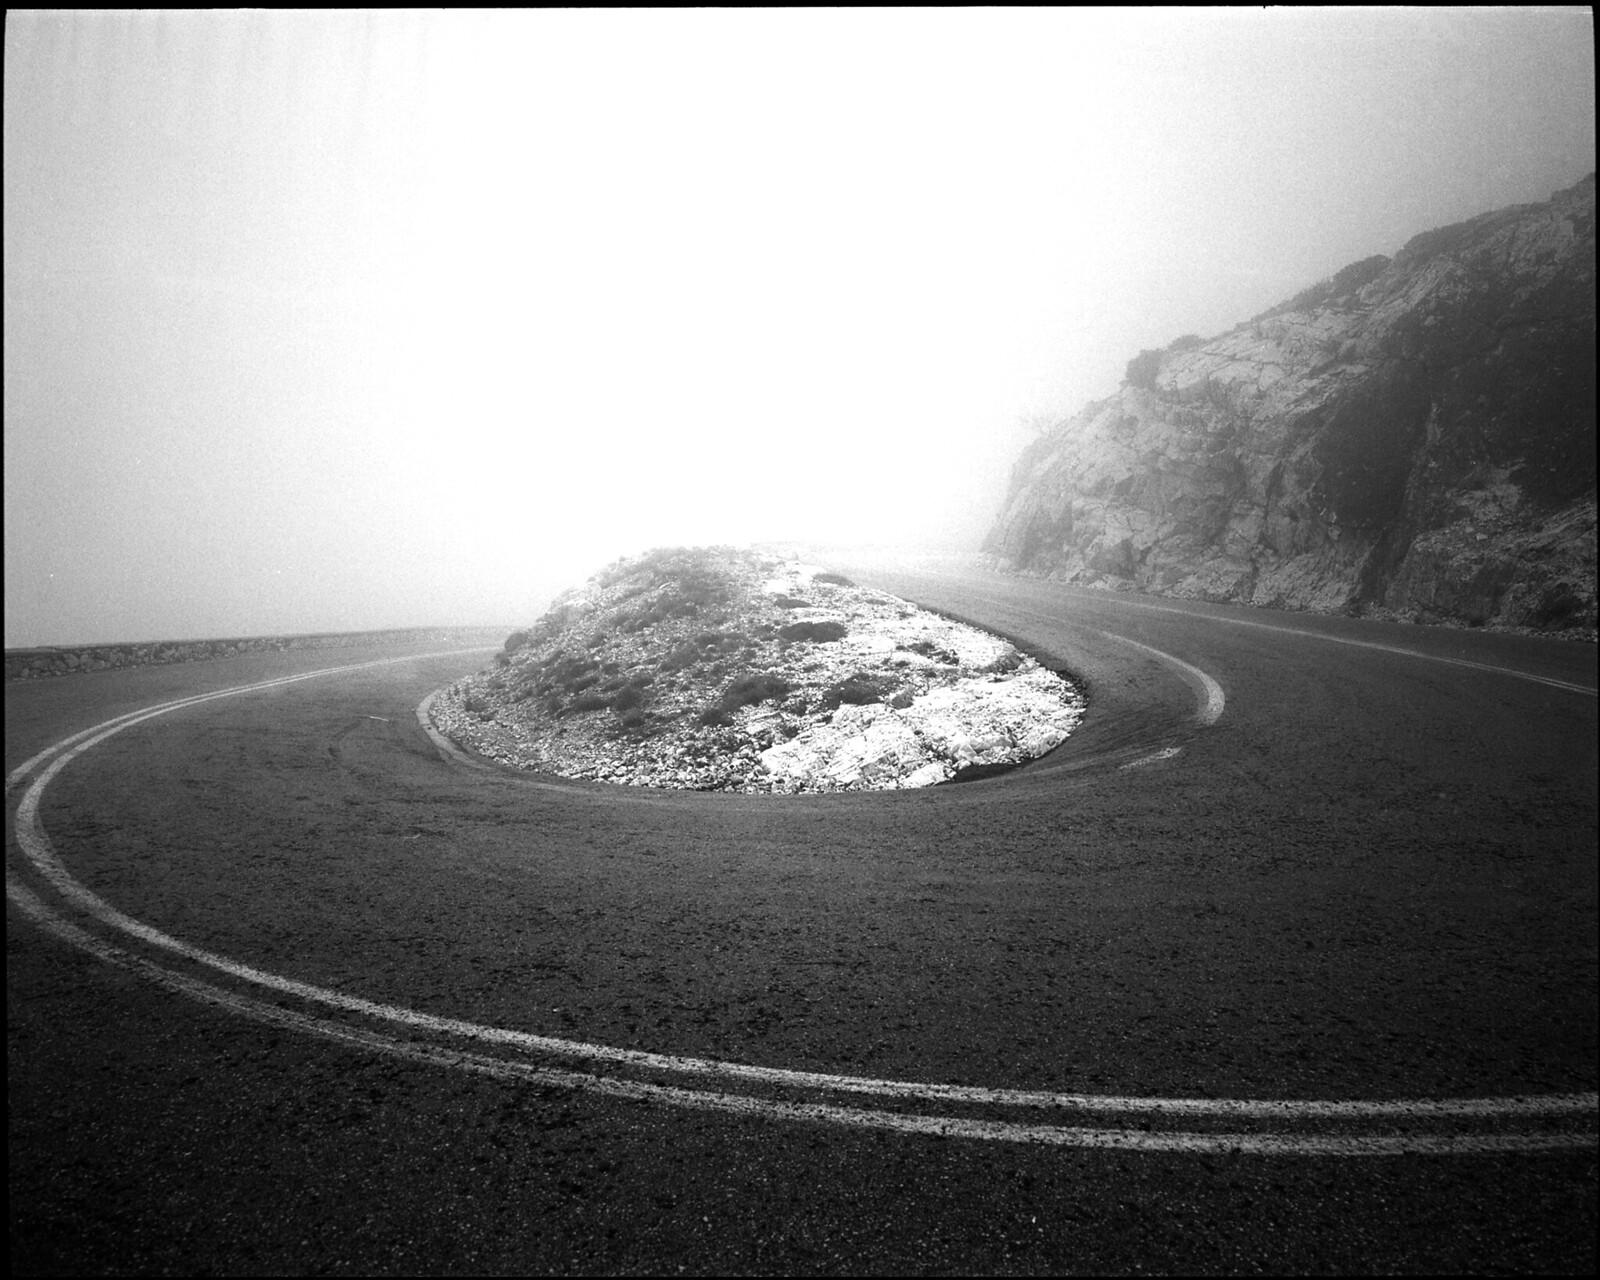 Untitled-134-2-JPEG | by Kiriakos Korakis (korax67)